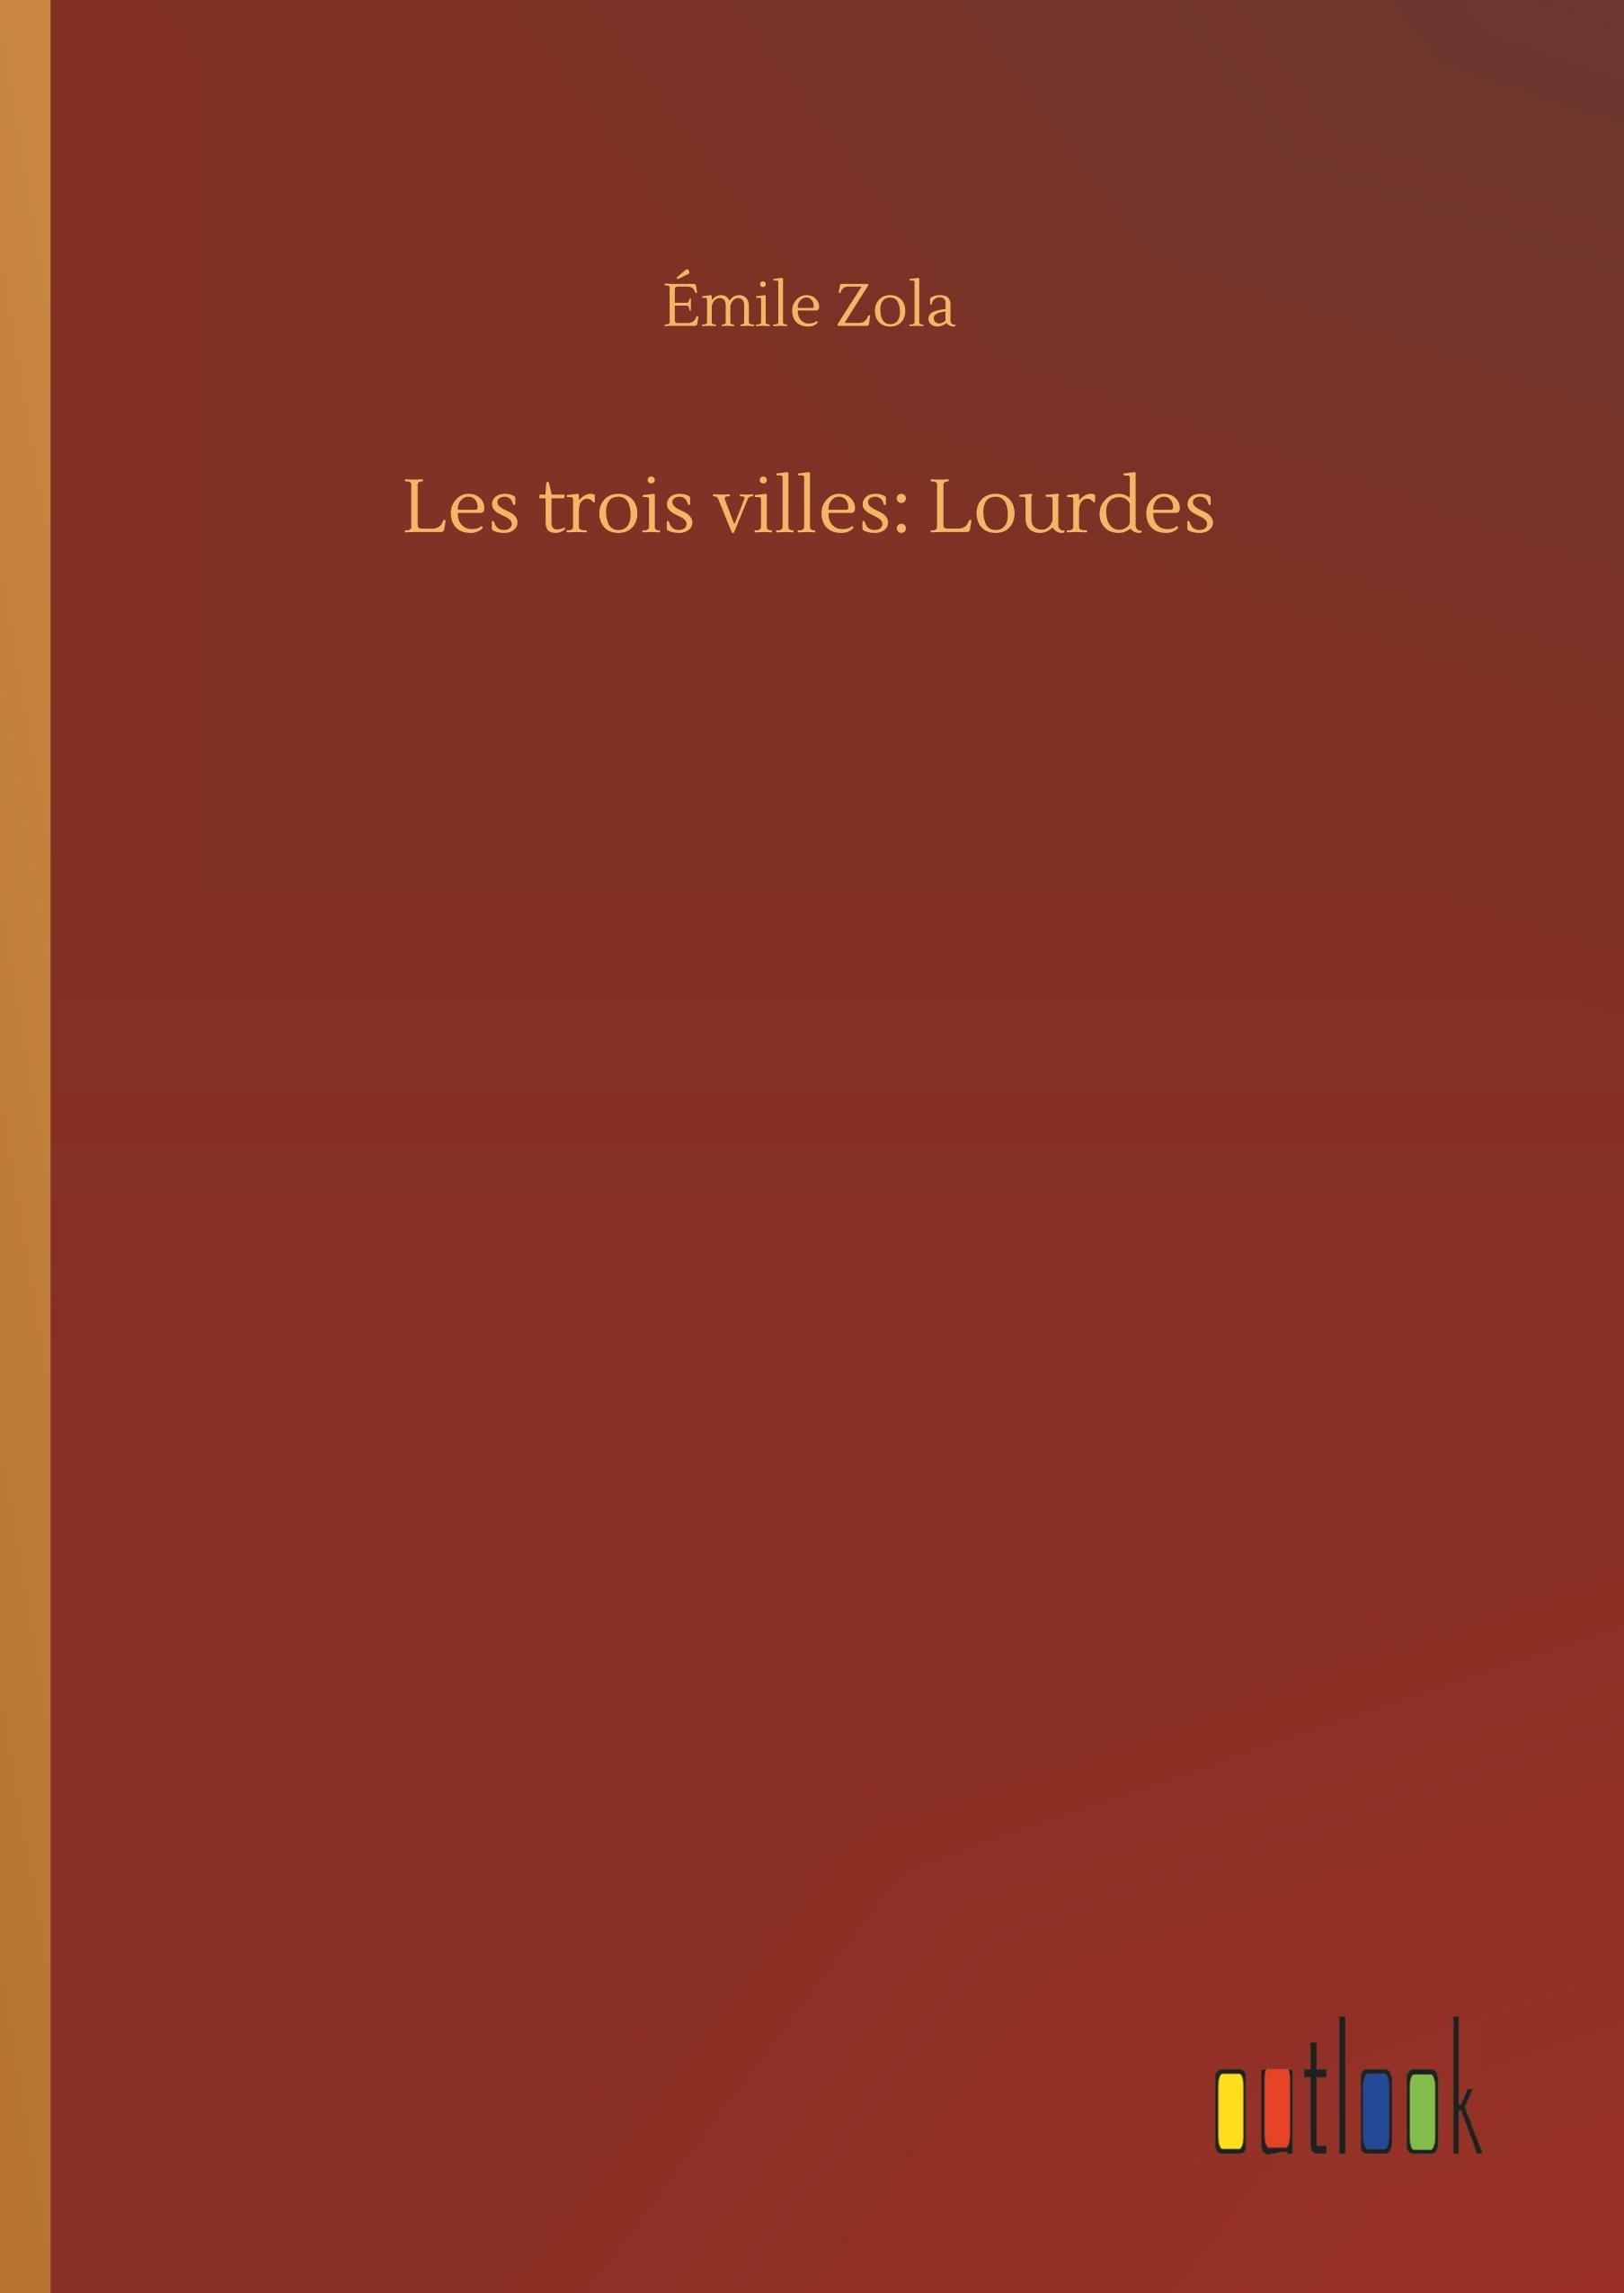 LES TROIS VILLES: LOURDES